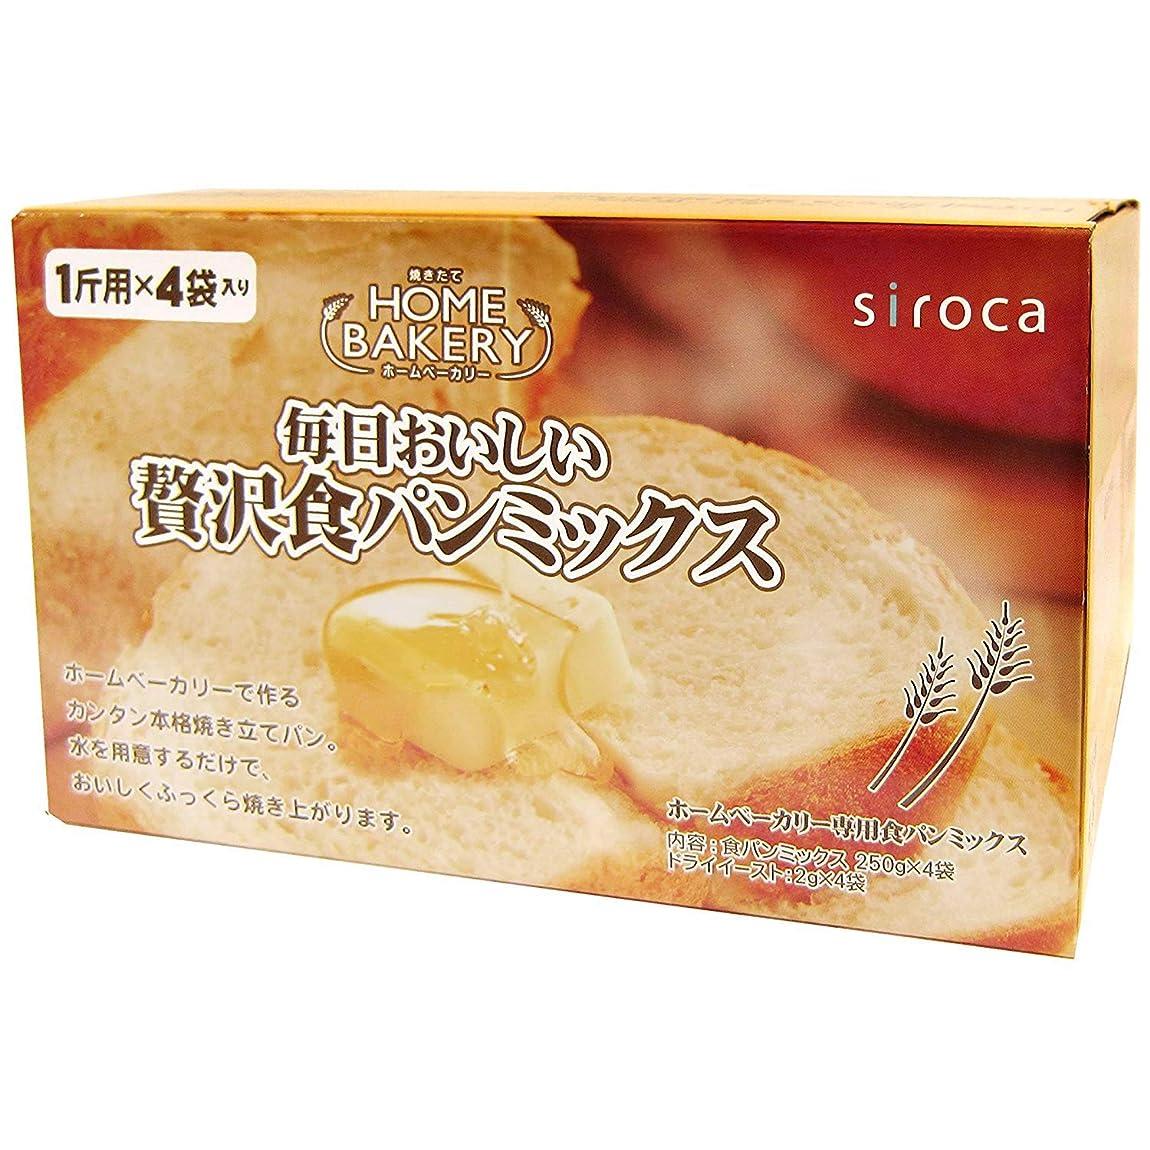 タバコ皮肉な小間siroca×日本製粉 毎日おいしいパンミックス 贅沢食パンミックス (1斤×4袋) 贅沢レギュラー SHB-MIX1100[ドライイースト付]